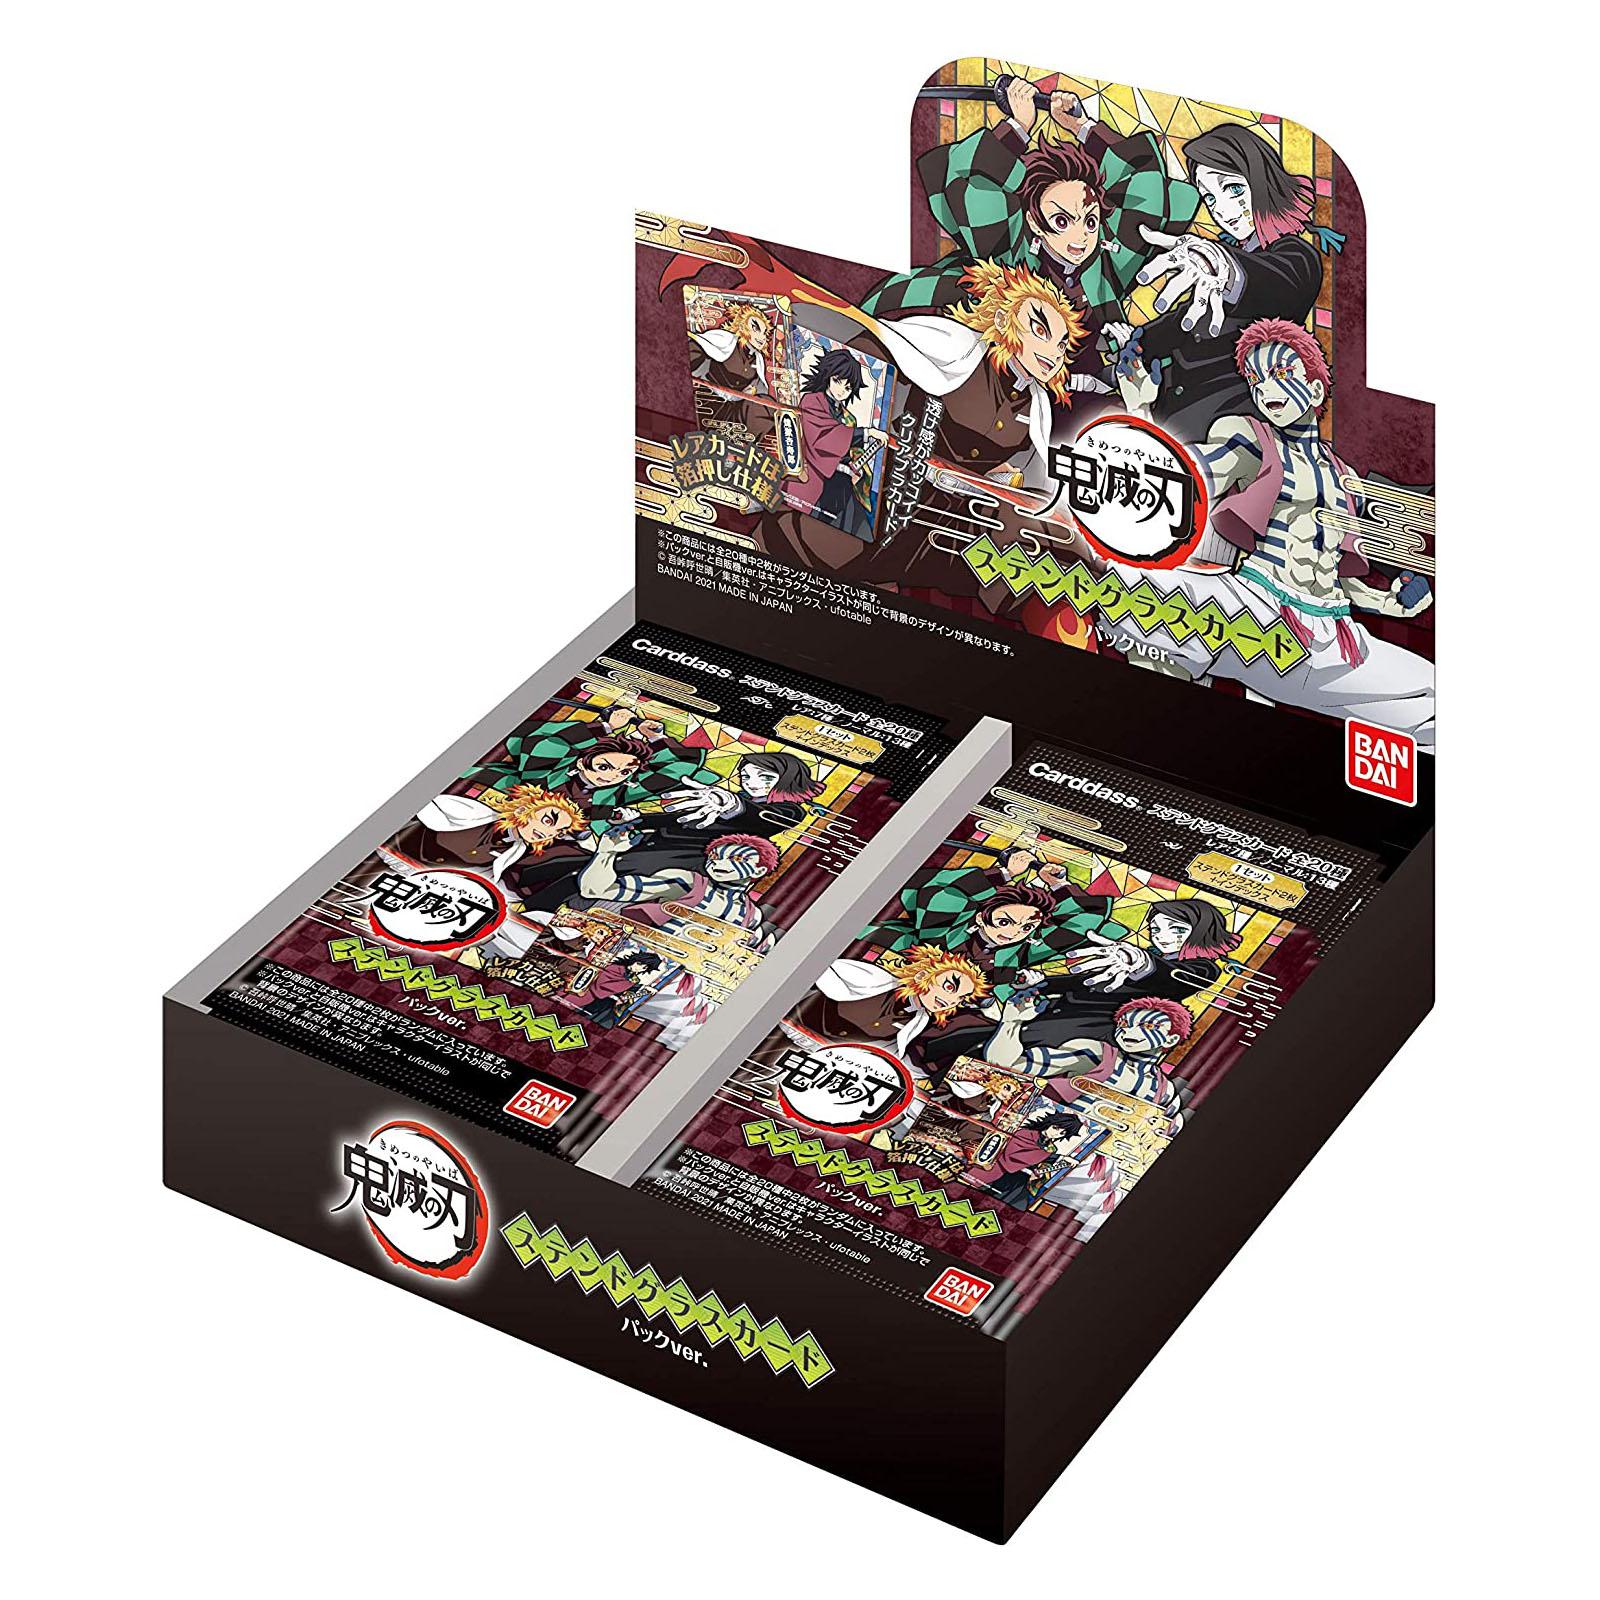 鬼滅の刃『鬼滅の刃 ステンドグラスカード(パックver.)』20個入りBOX-001